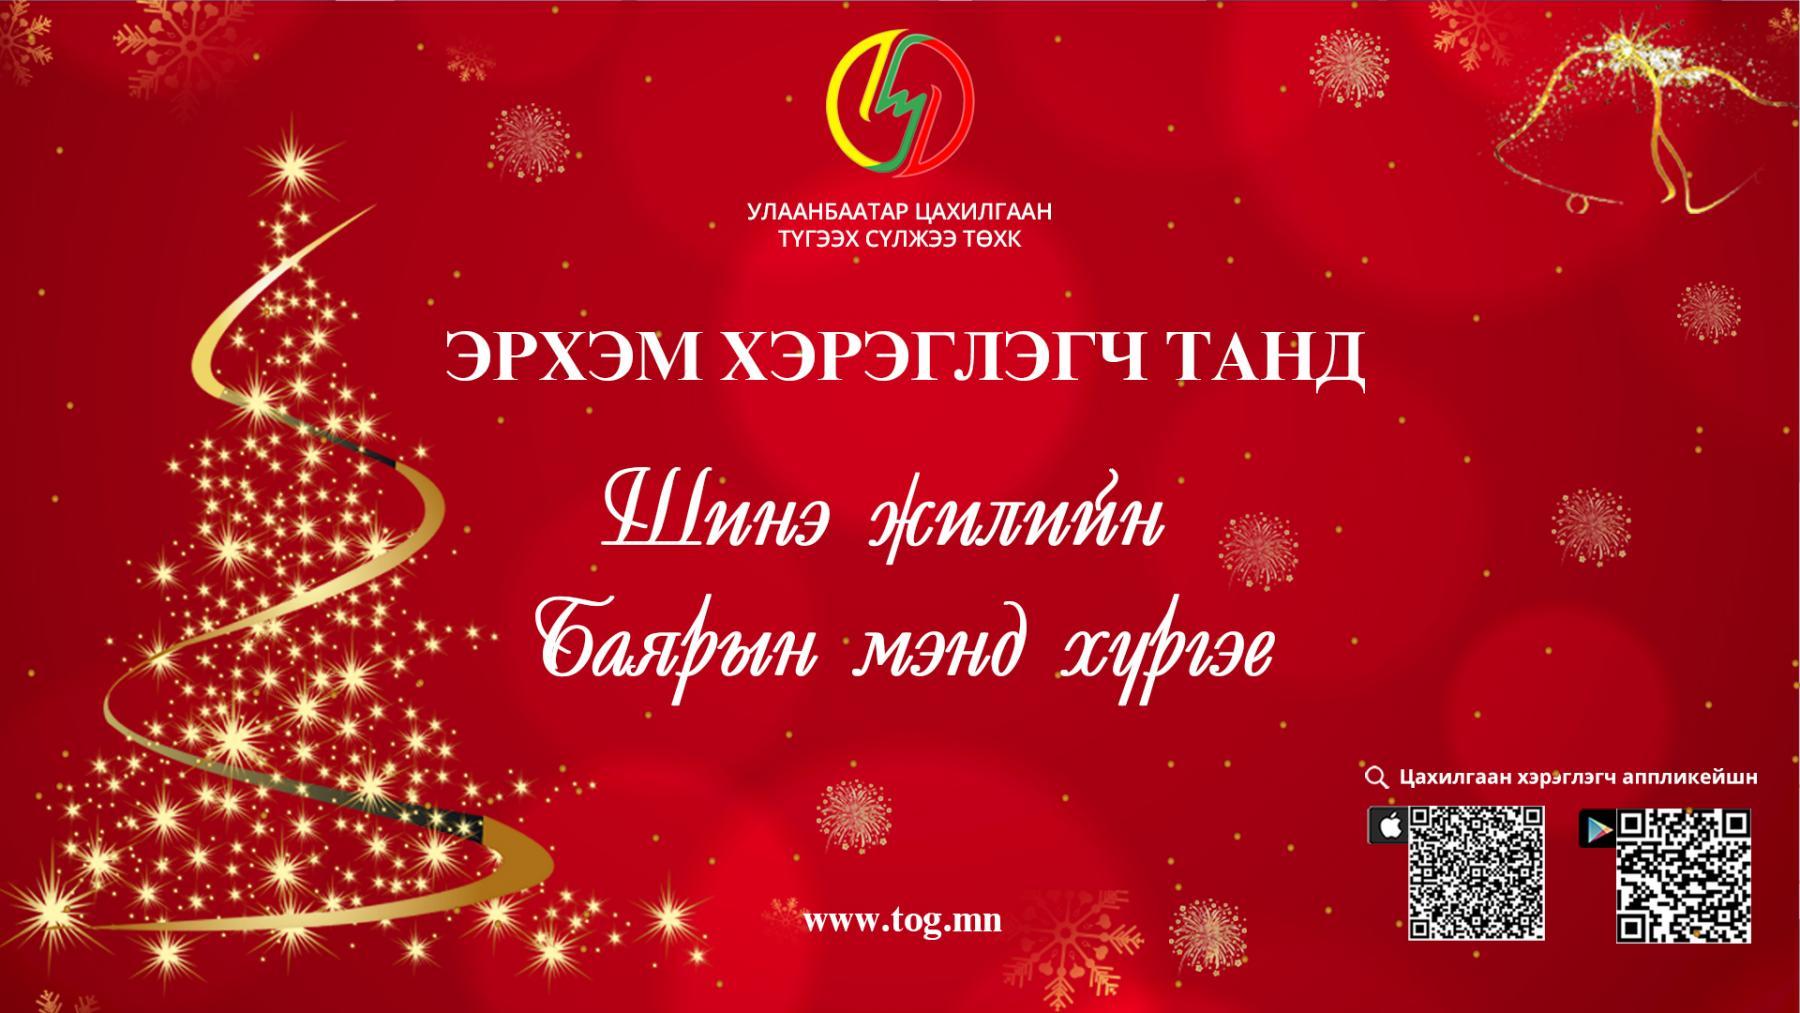 УБЦТС ТӨХК - Баярын мэндчилгээ